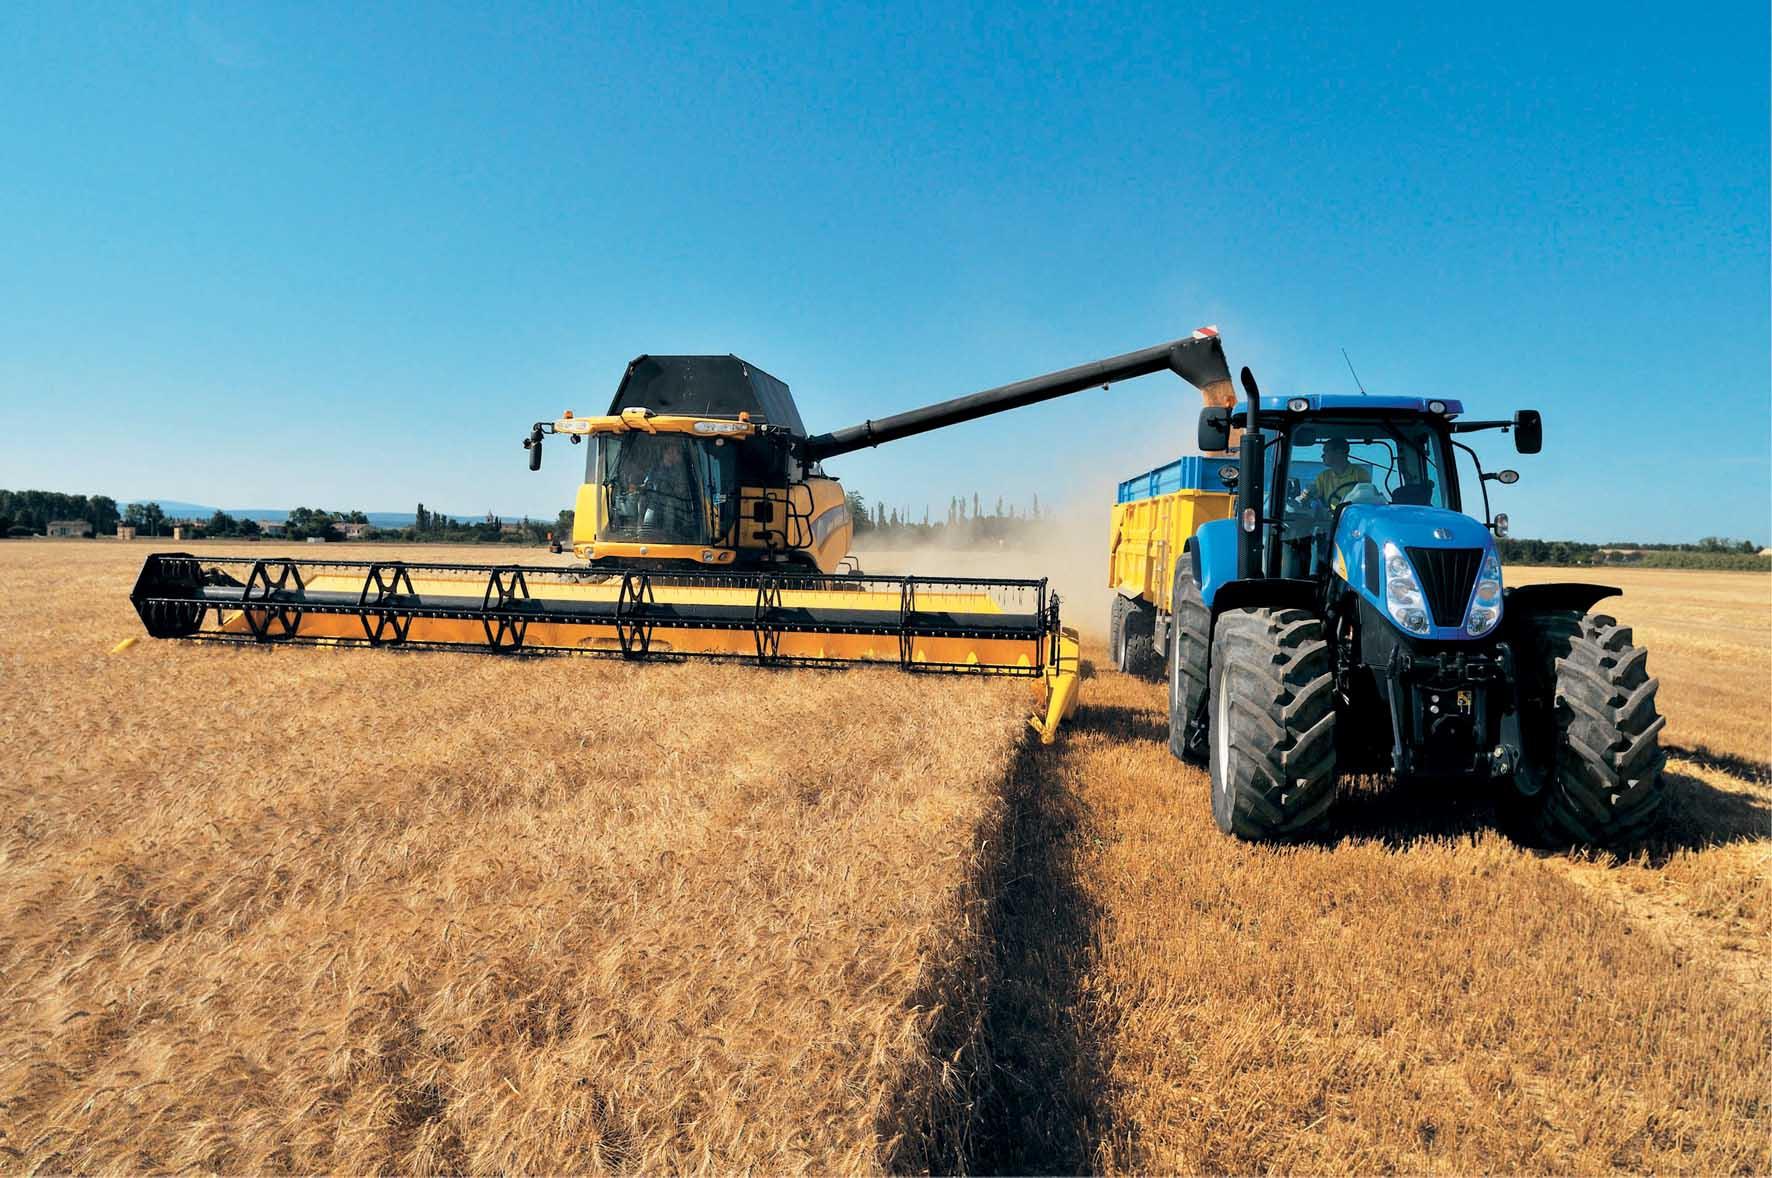 agricoltura mietritrebbia trattore-new-holland